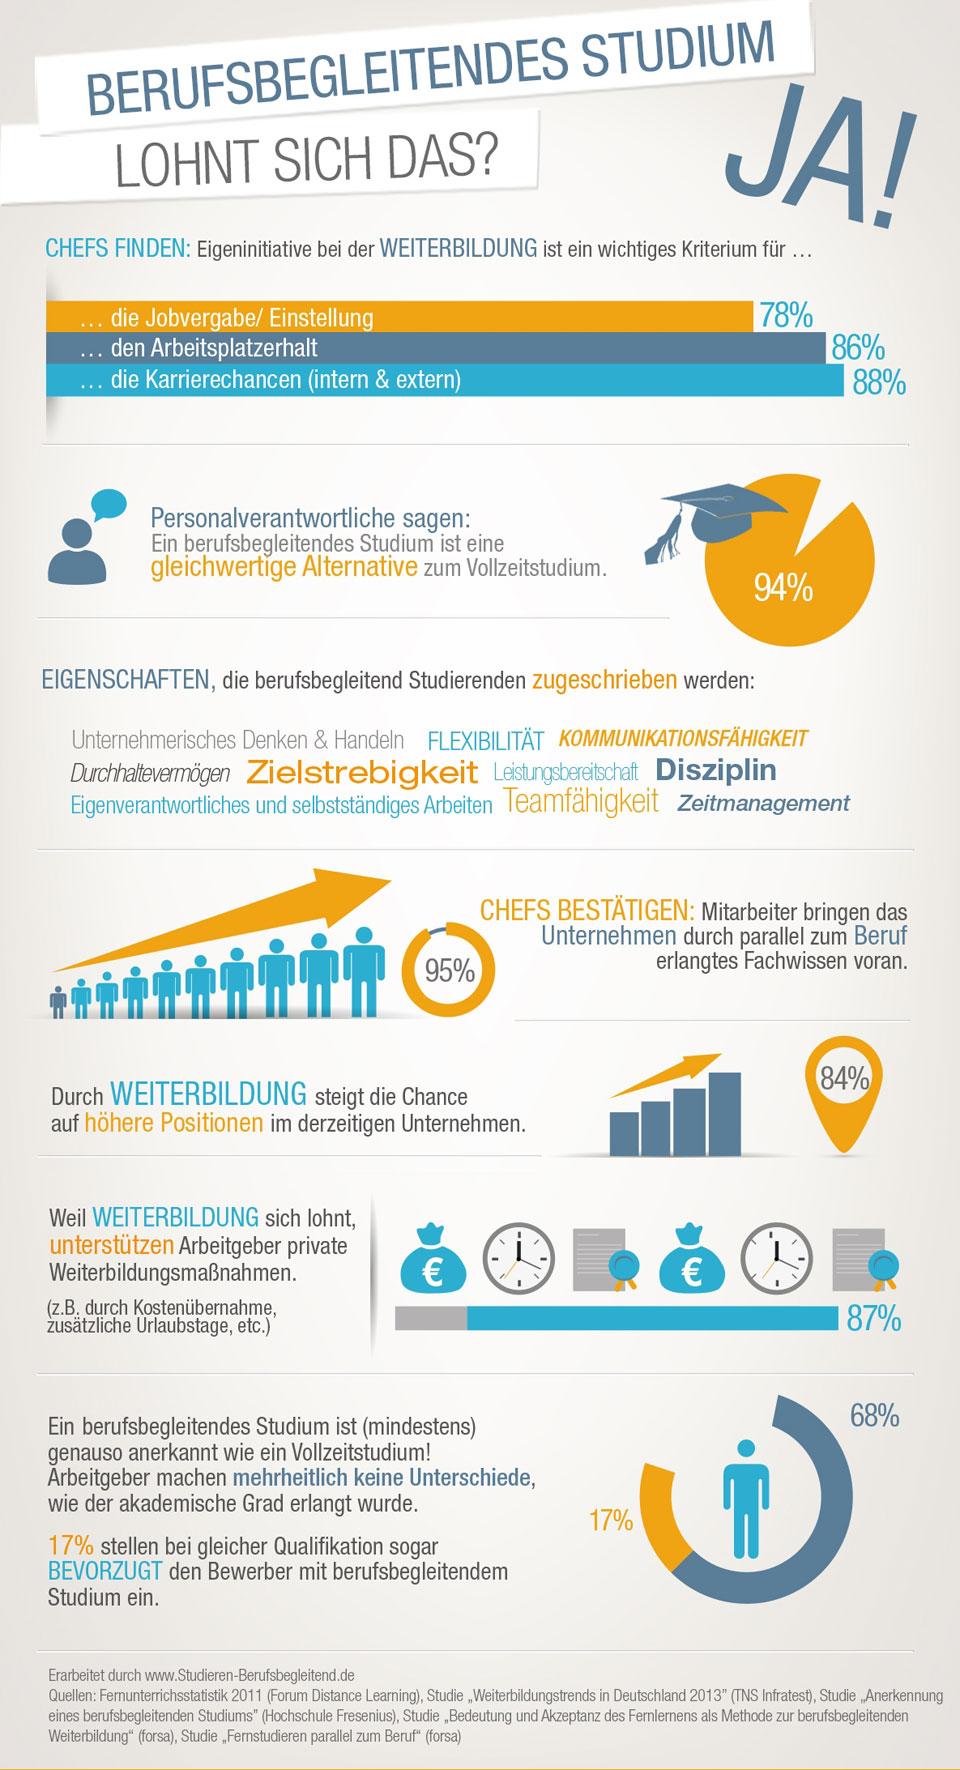 Wirtschaftsrecht berufsbegleitend studieren: Alle Infos